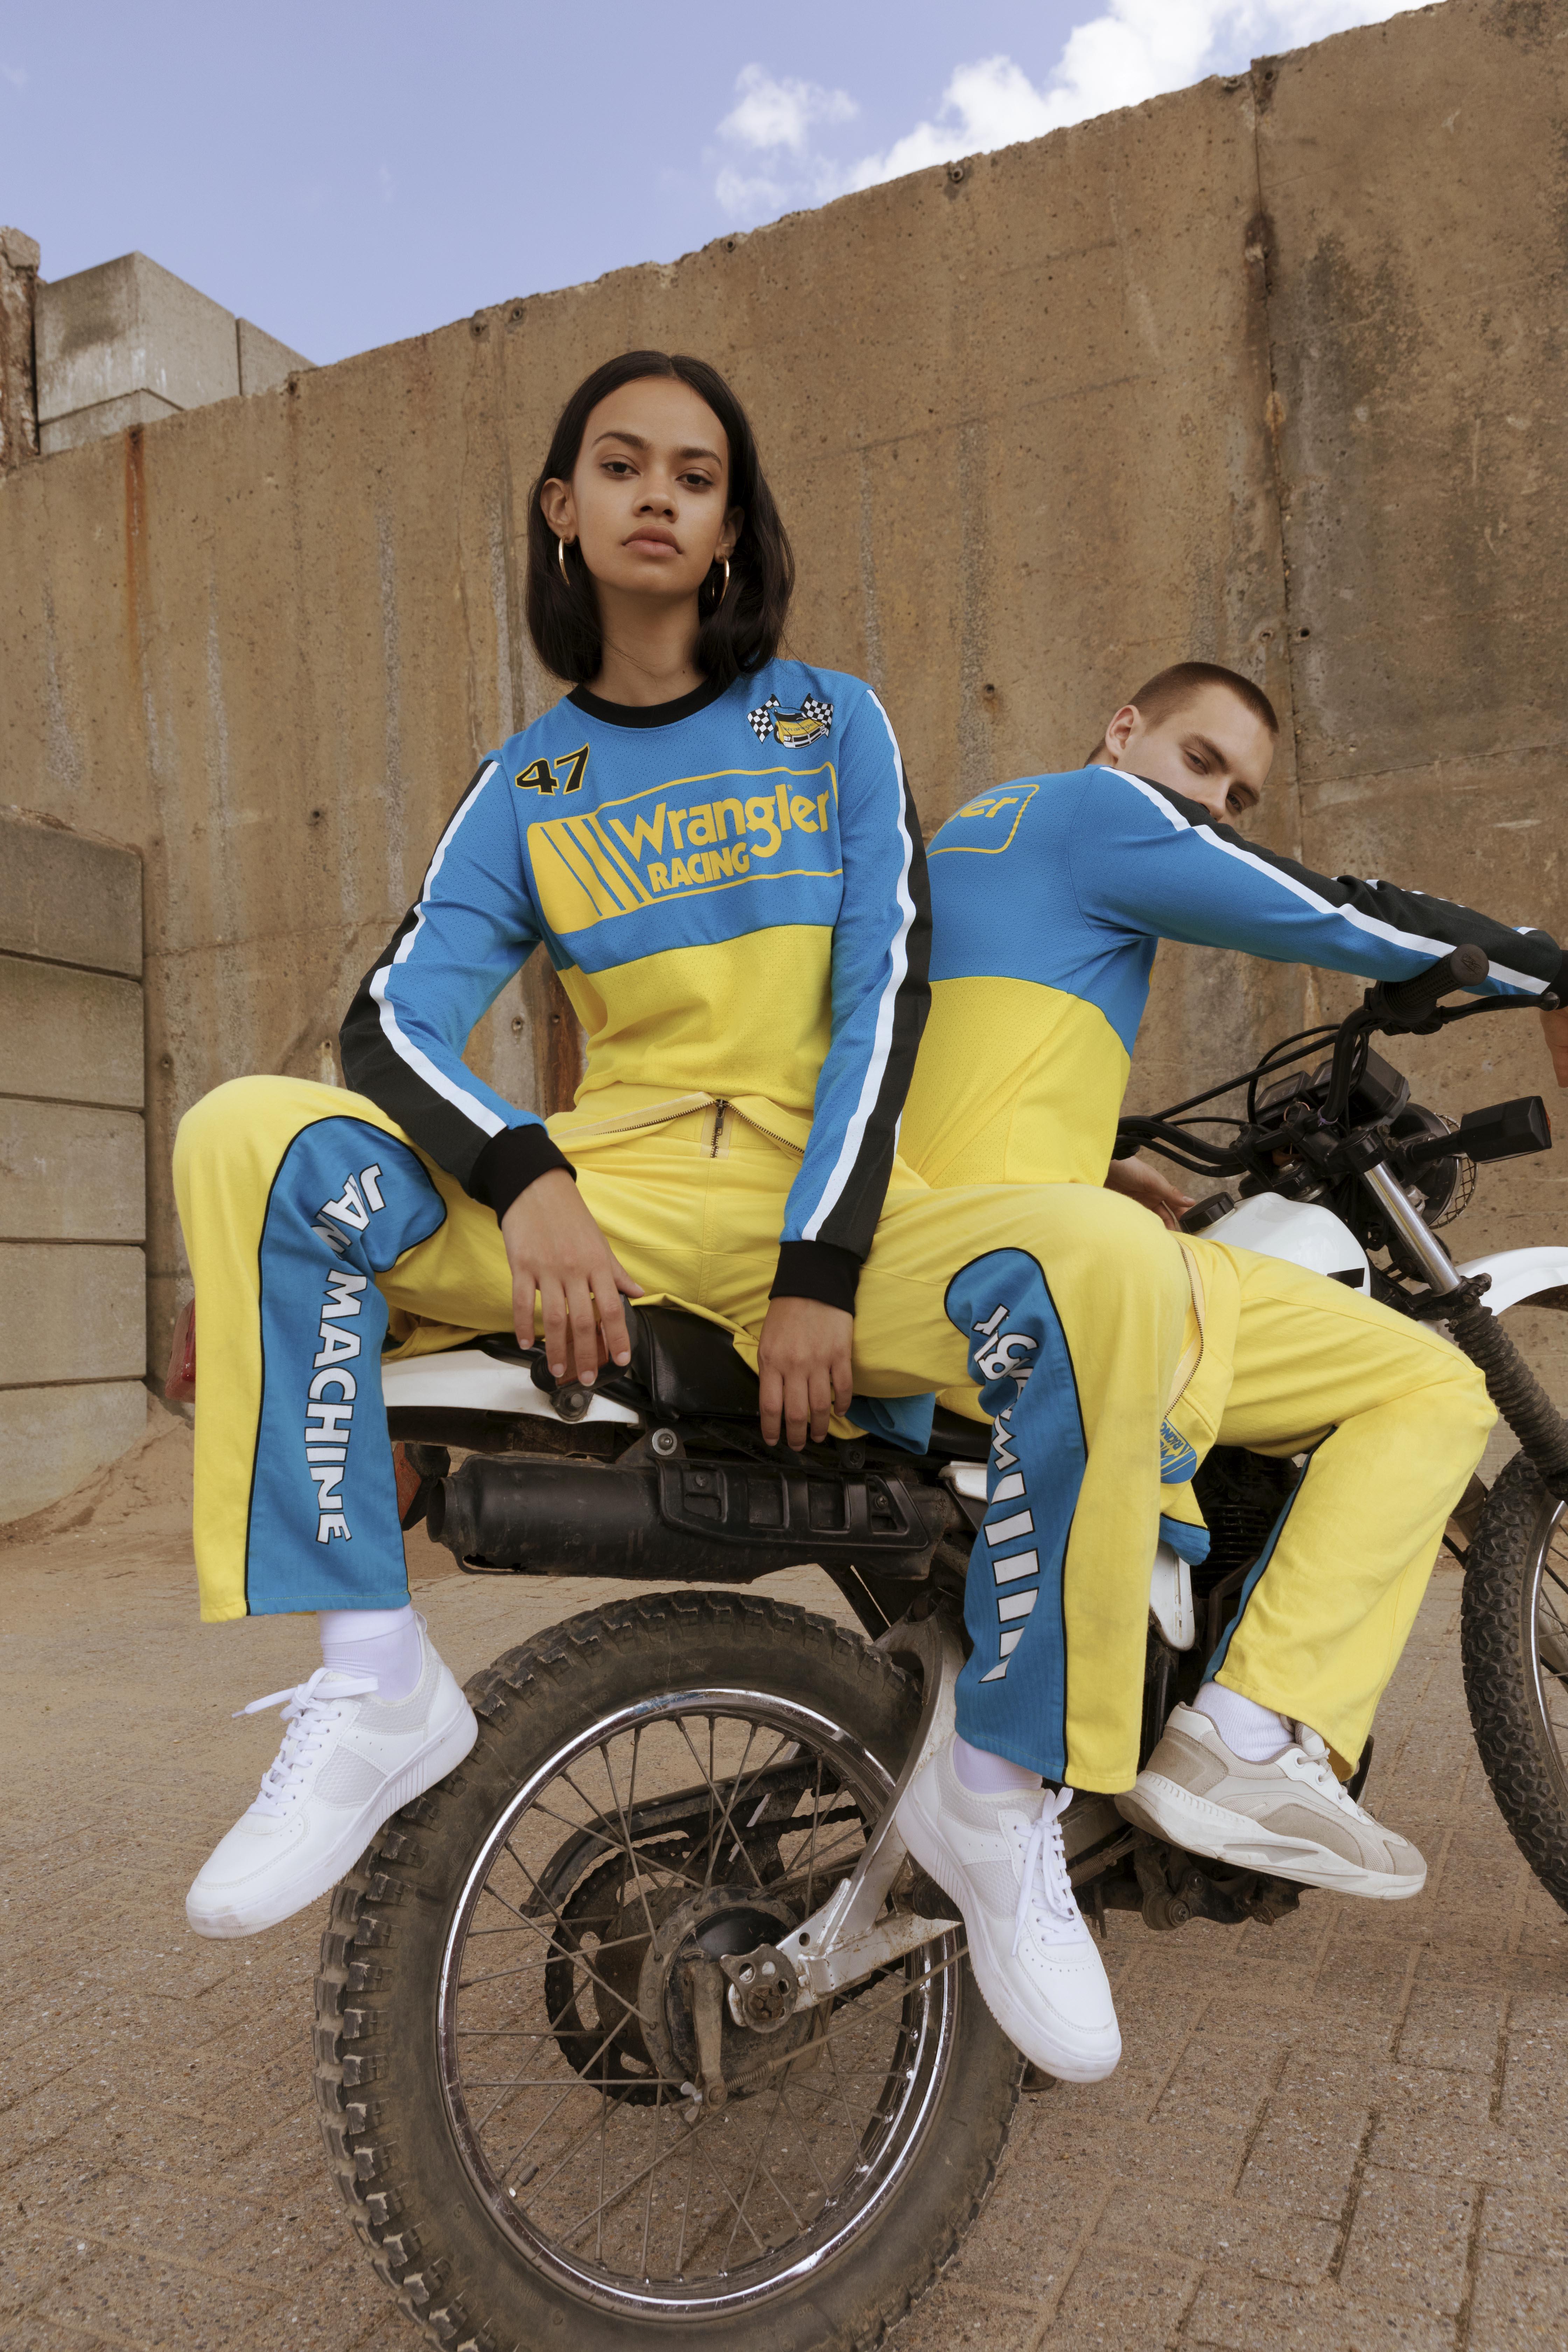 Wrangler_SS19_Blue&Yellow_Genderless5